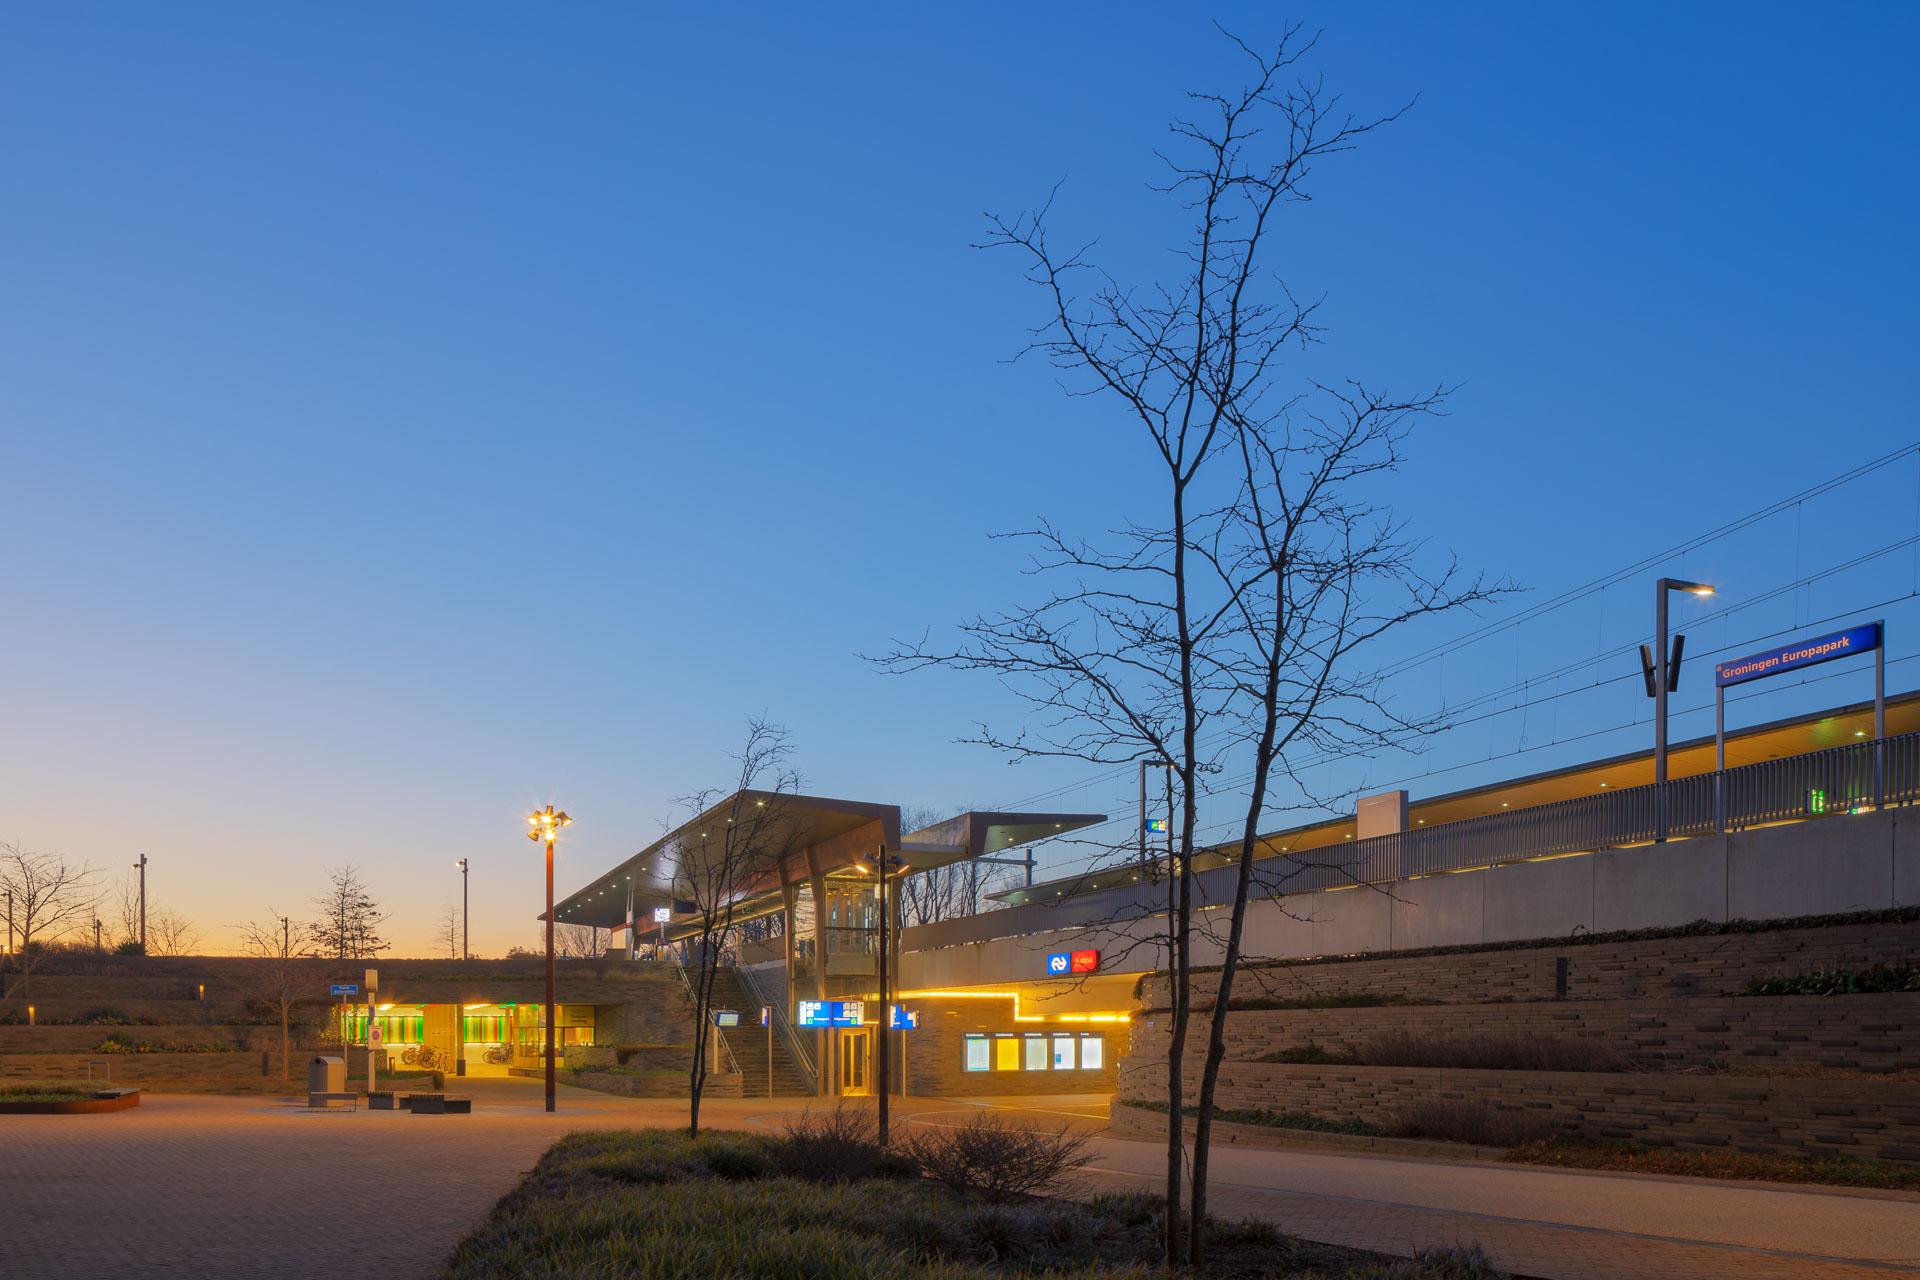 Station Europapark Groningen